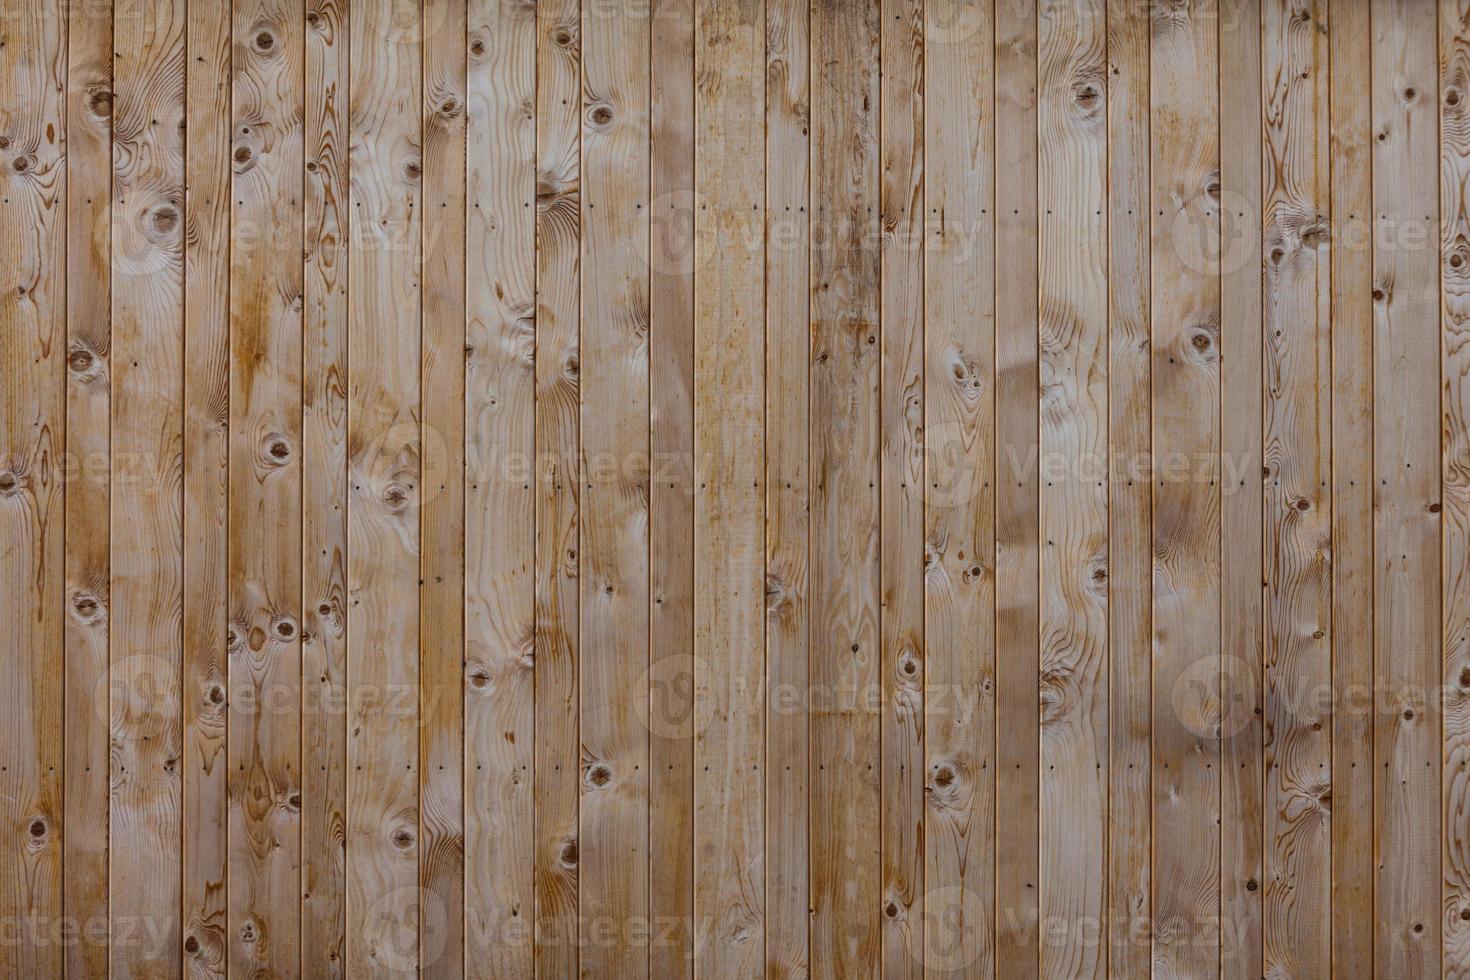 legno - trama foto